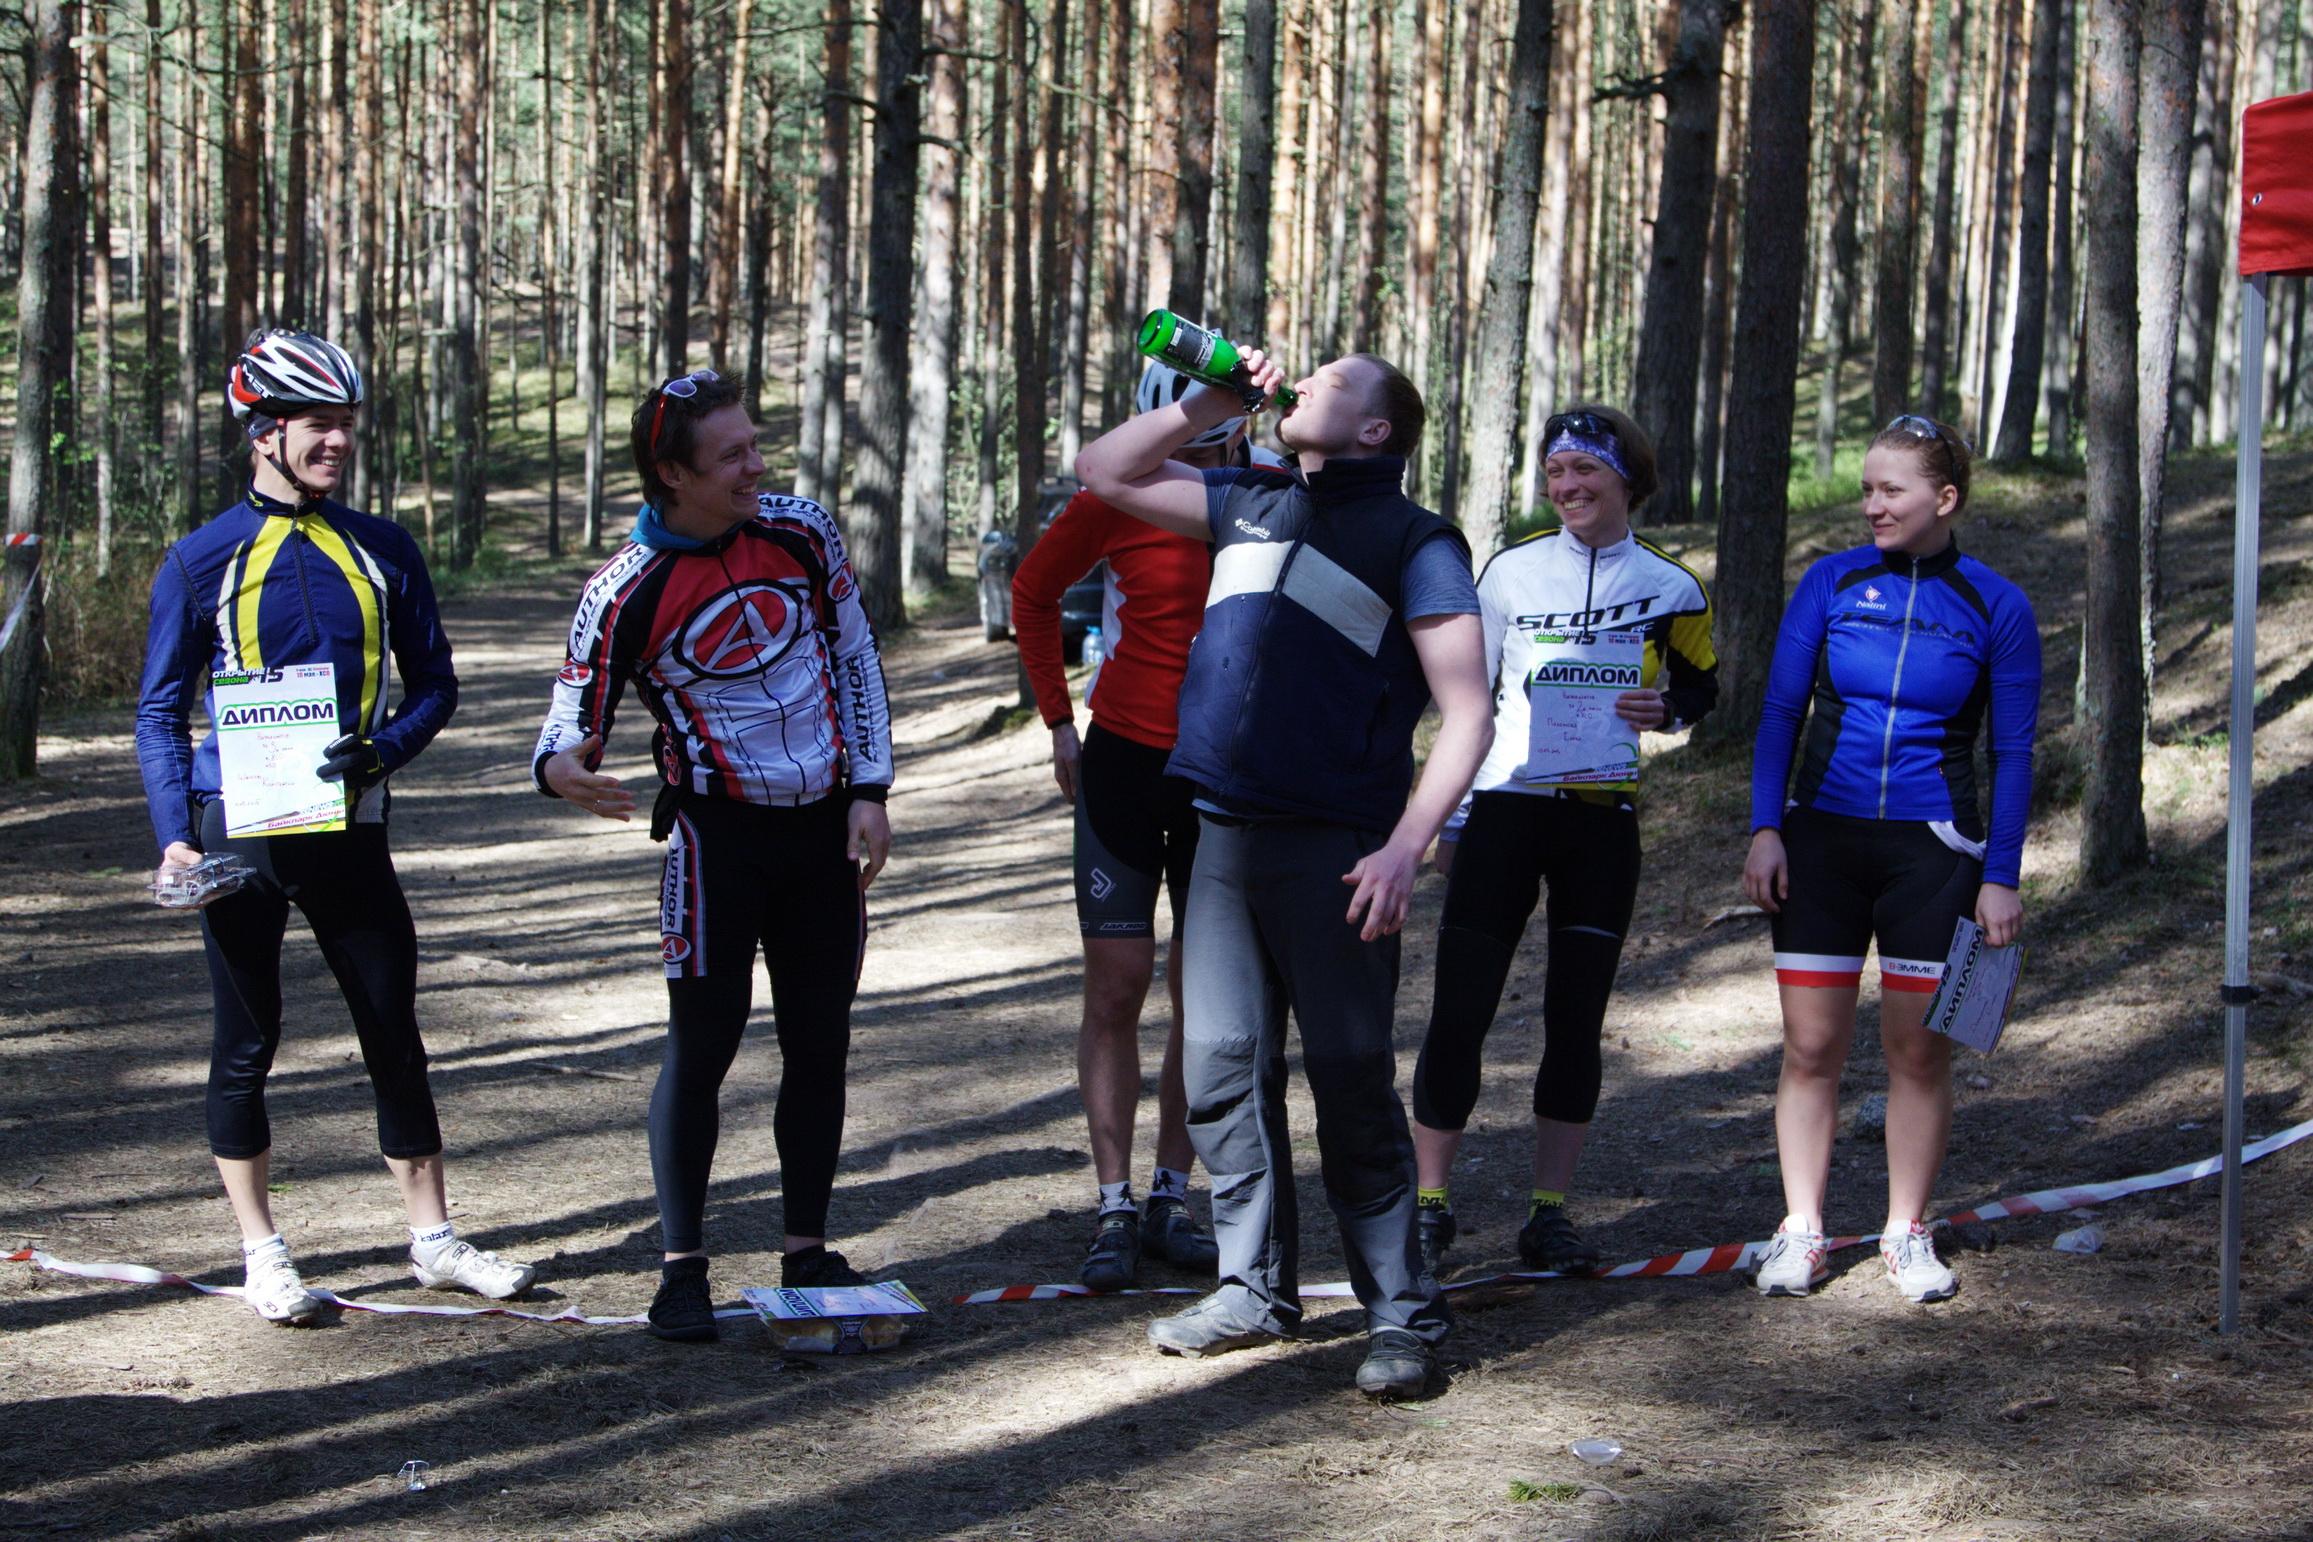 Елена Давыдова на награждении после гонки кросс-кантри в Дюнах